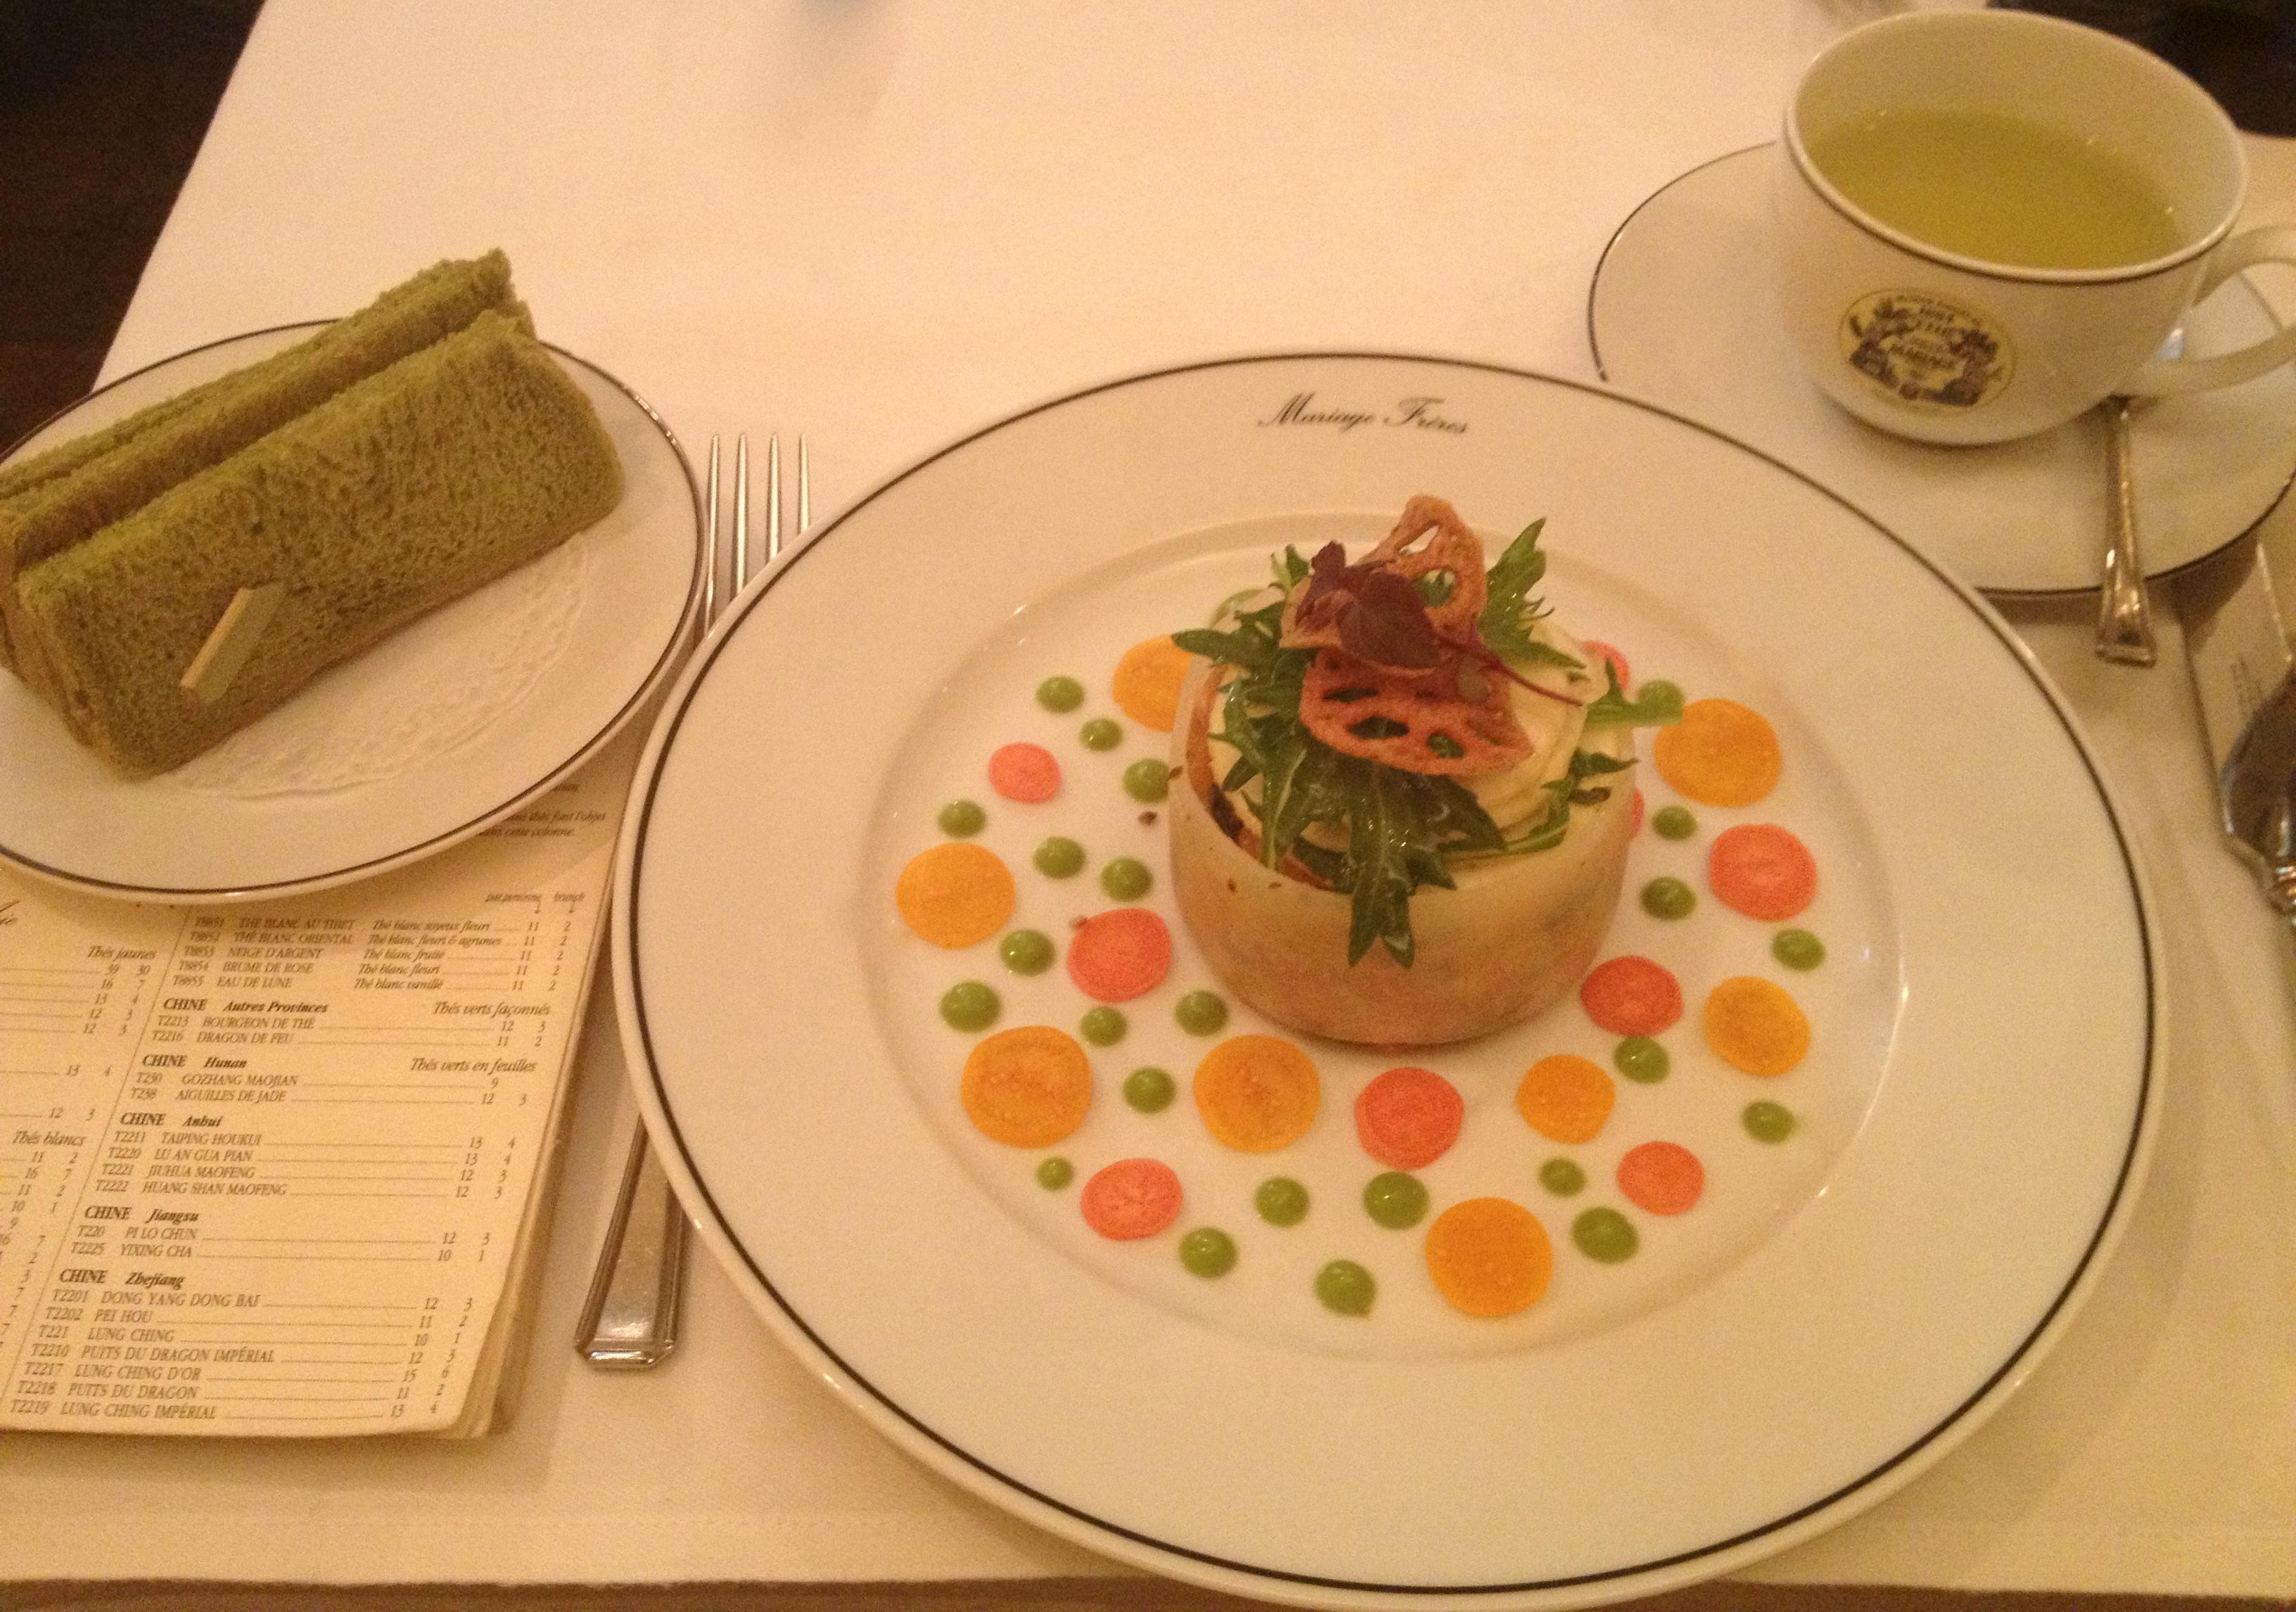 Tea and food pairing at Mariage Freres